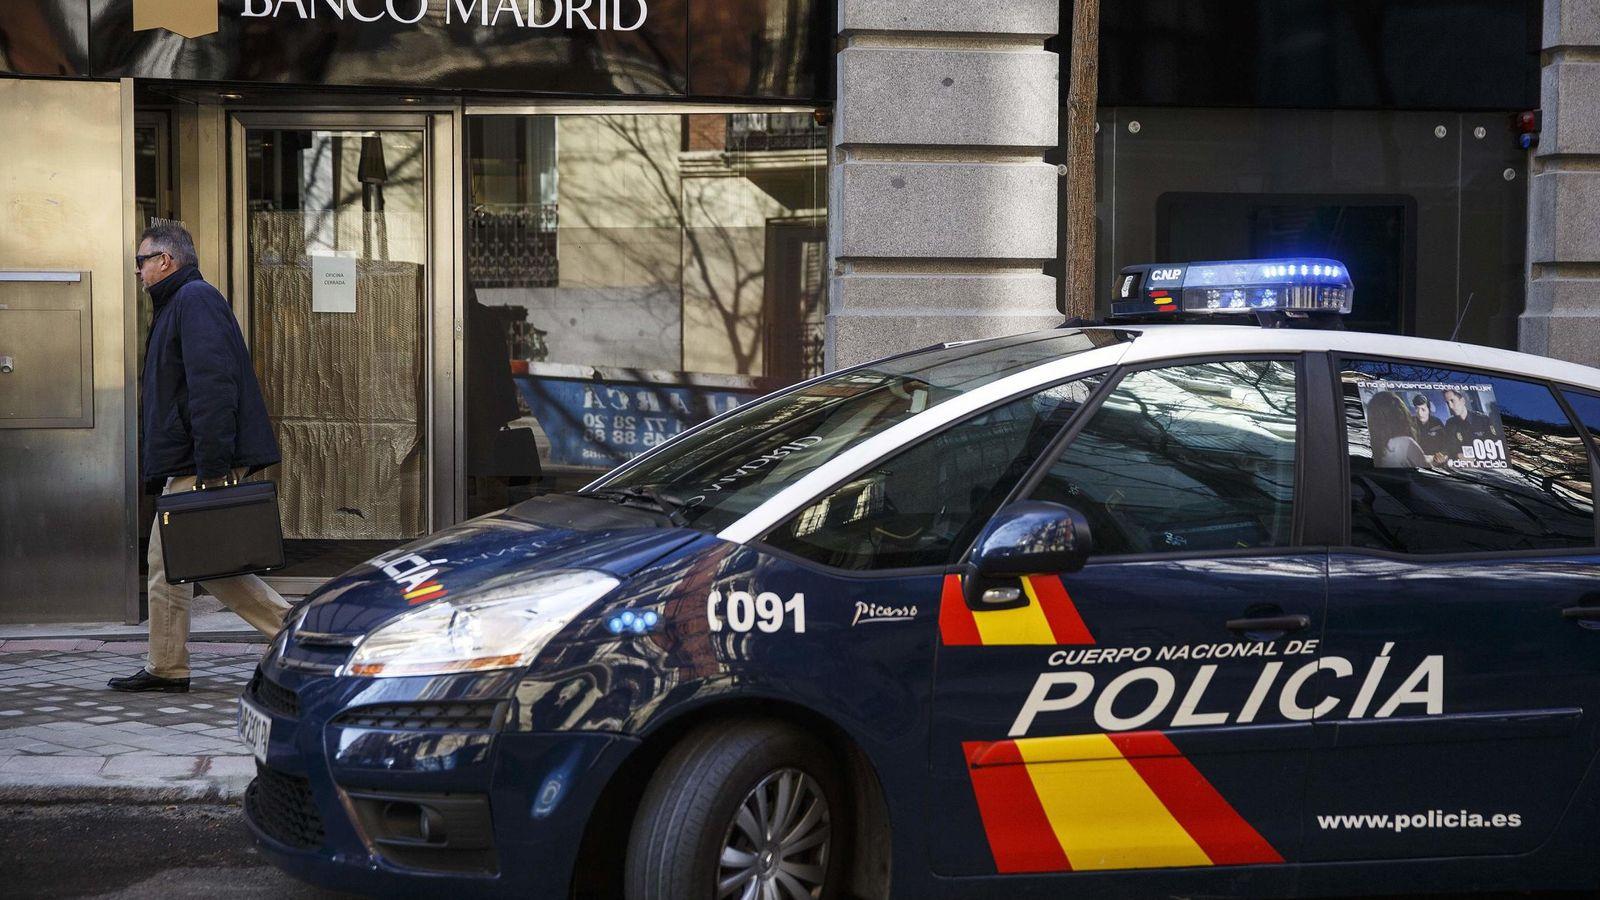 Foto: Un coche de policía frente a la sede del Banco de Madrid. (Reuters)